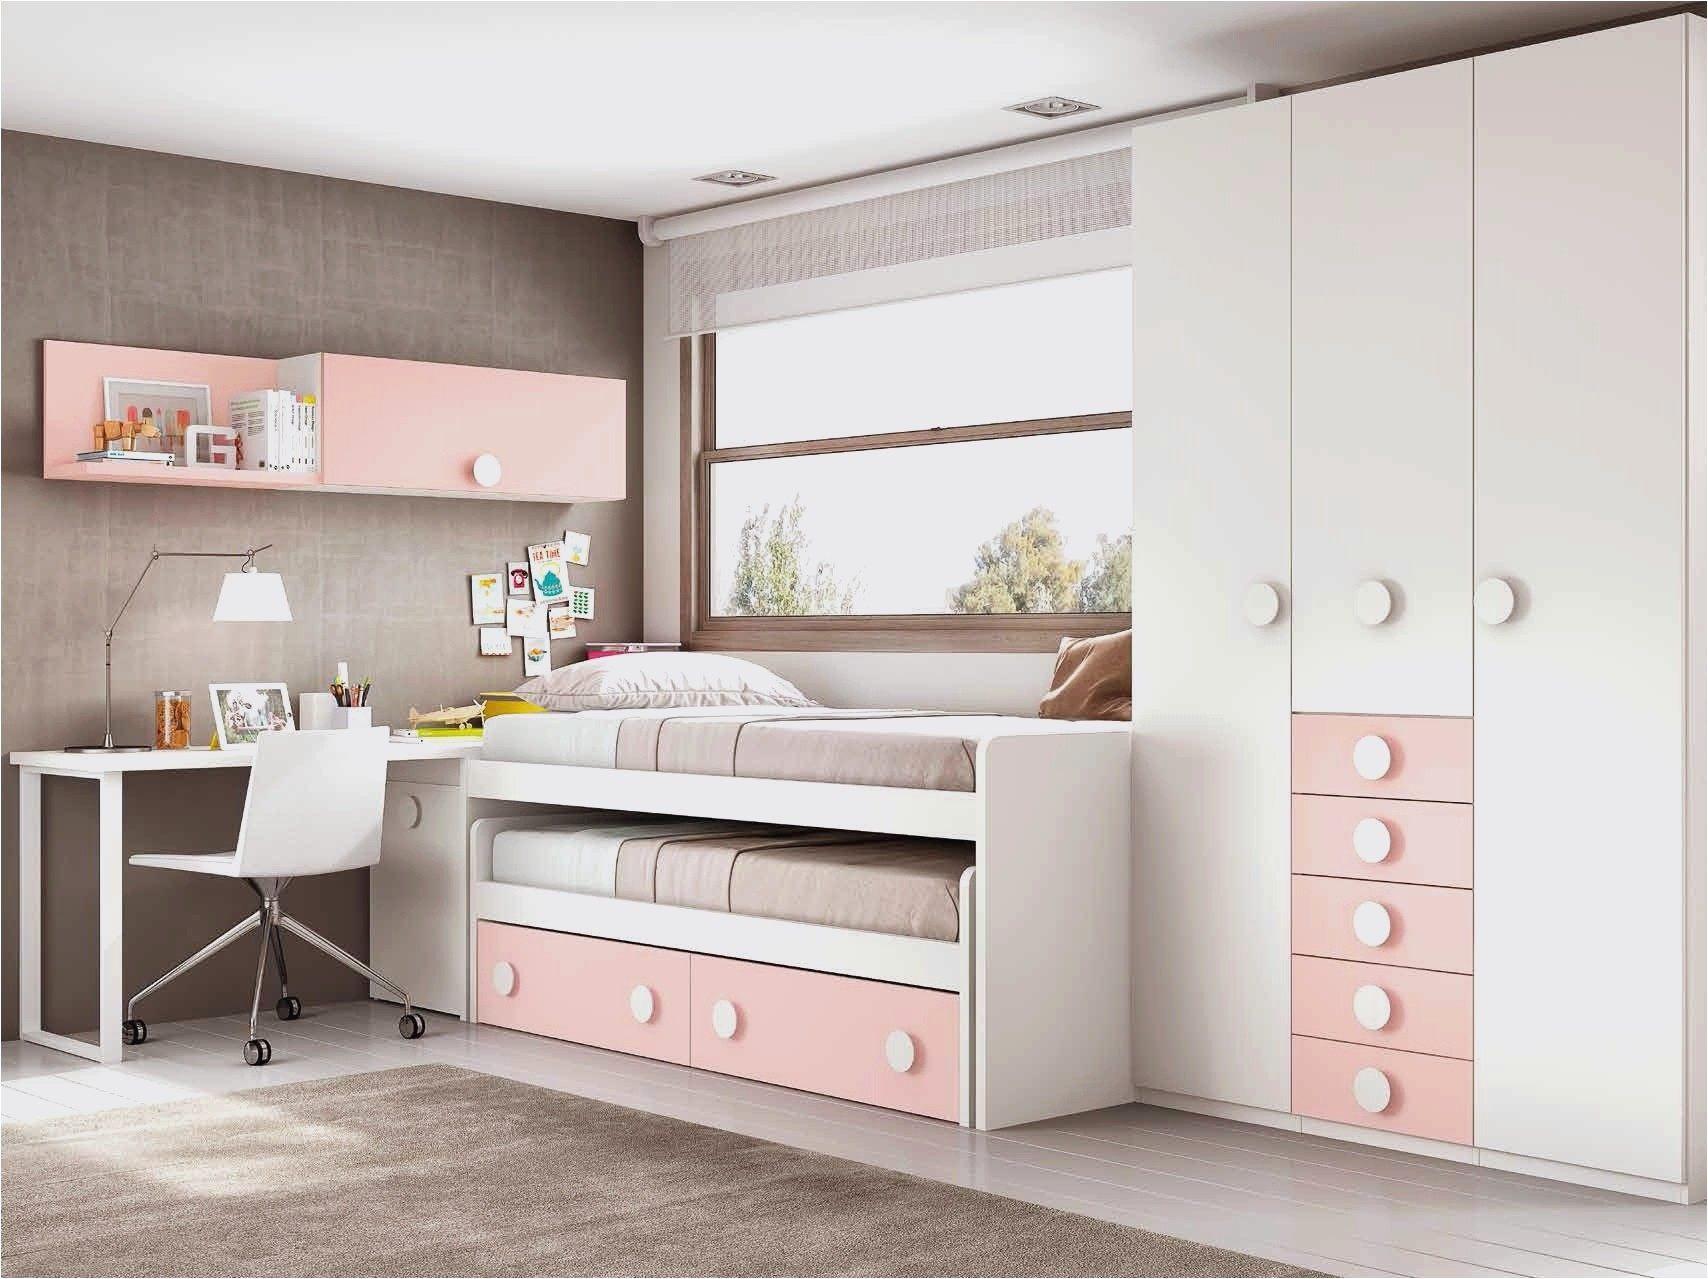 Lit Design 160×200 Charmant Beau Armoire Lit 160×200 Avec Lit Armoire 160—200 Awesome Banquette